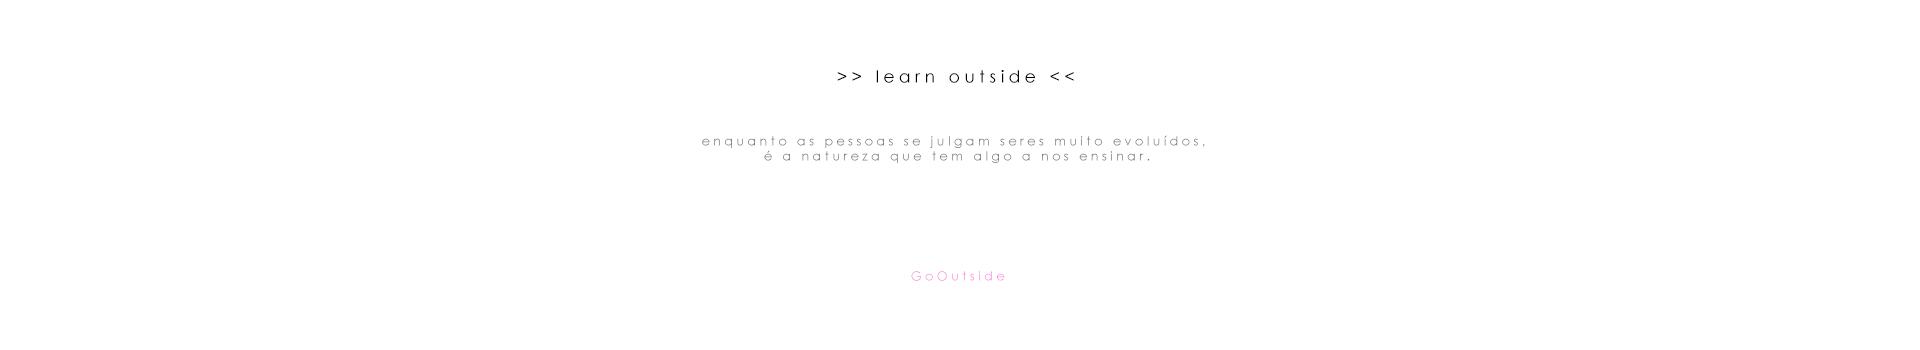 divisoria_learnoutside